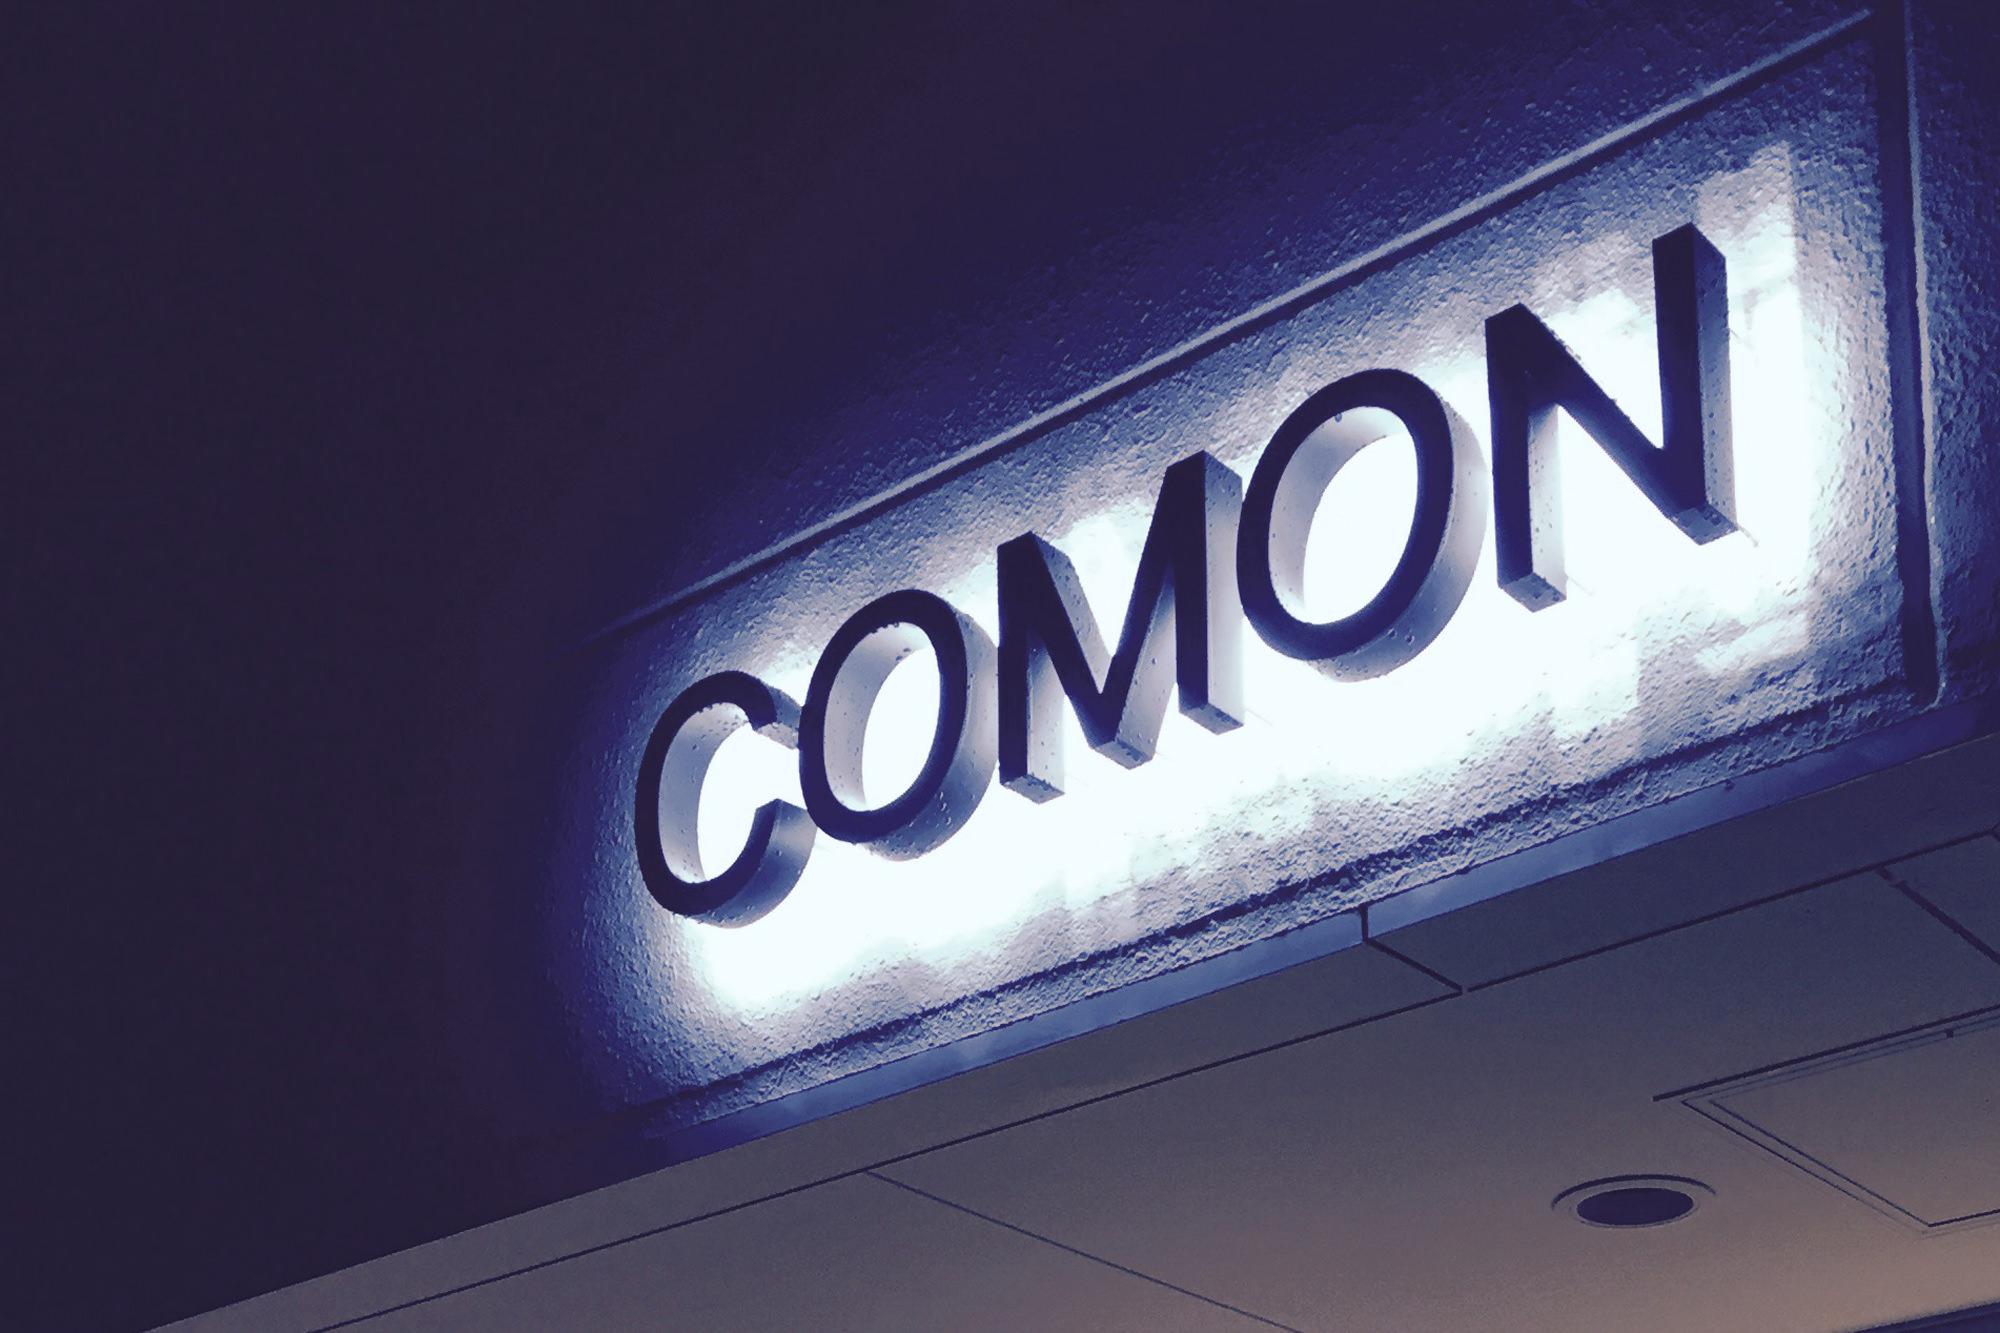 COMON【コモン】の公式サイトです。健康でナチュラルキレイなスタイル金沢の美容室COMON。